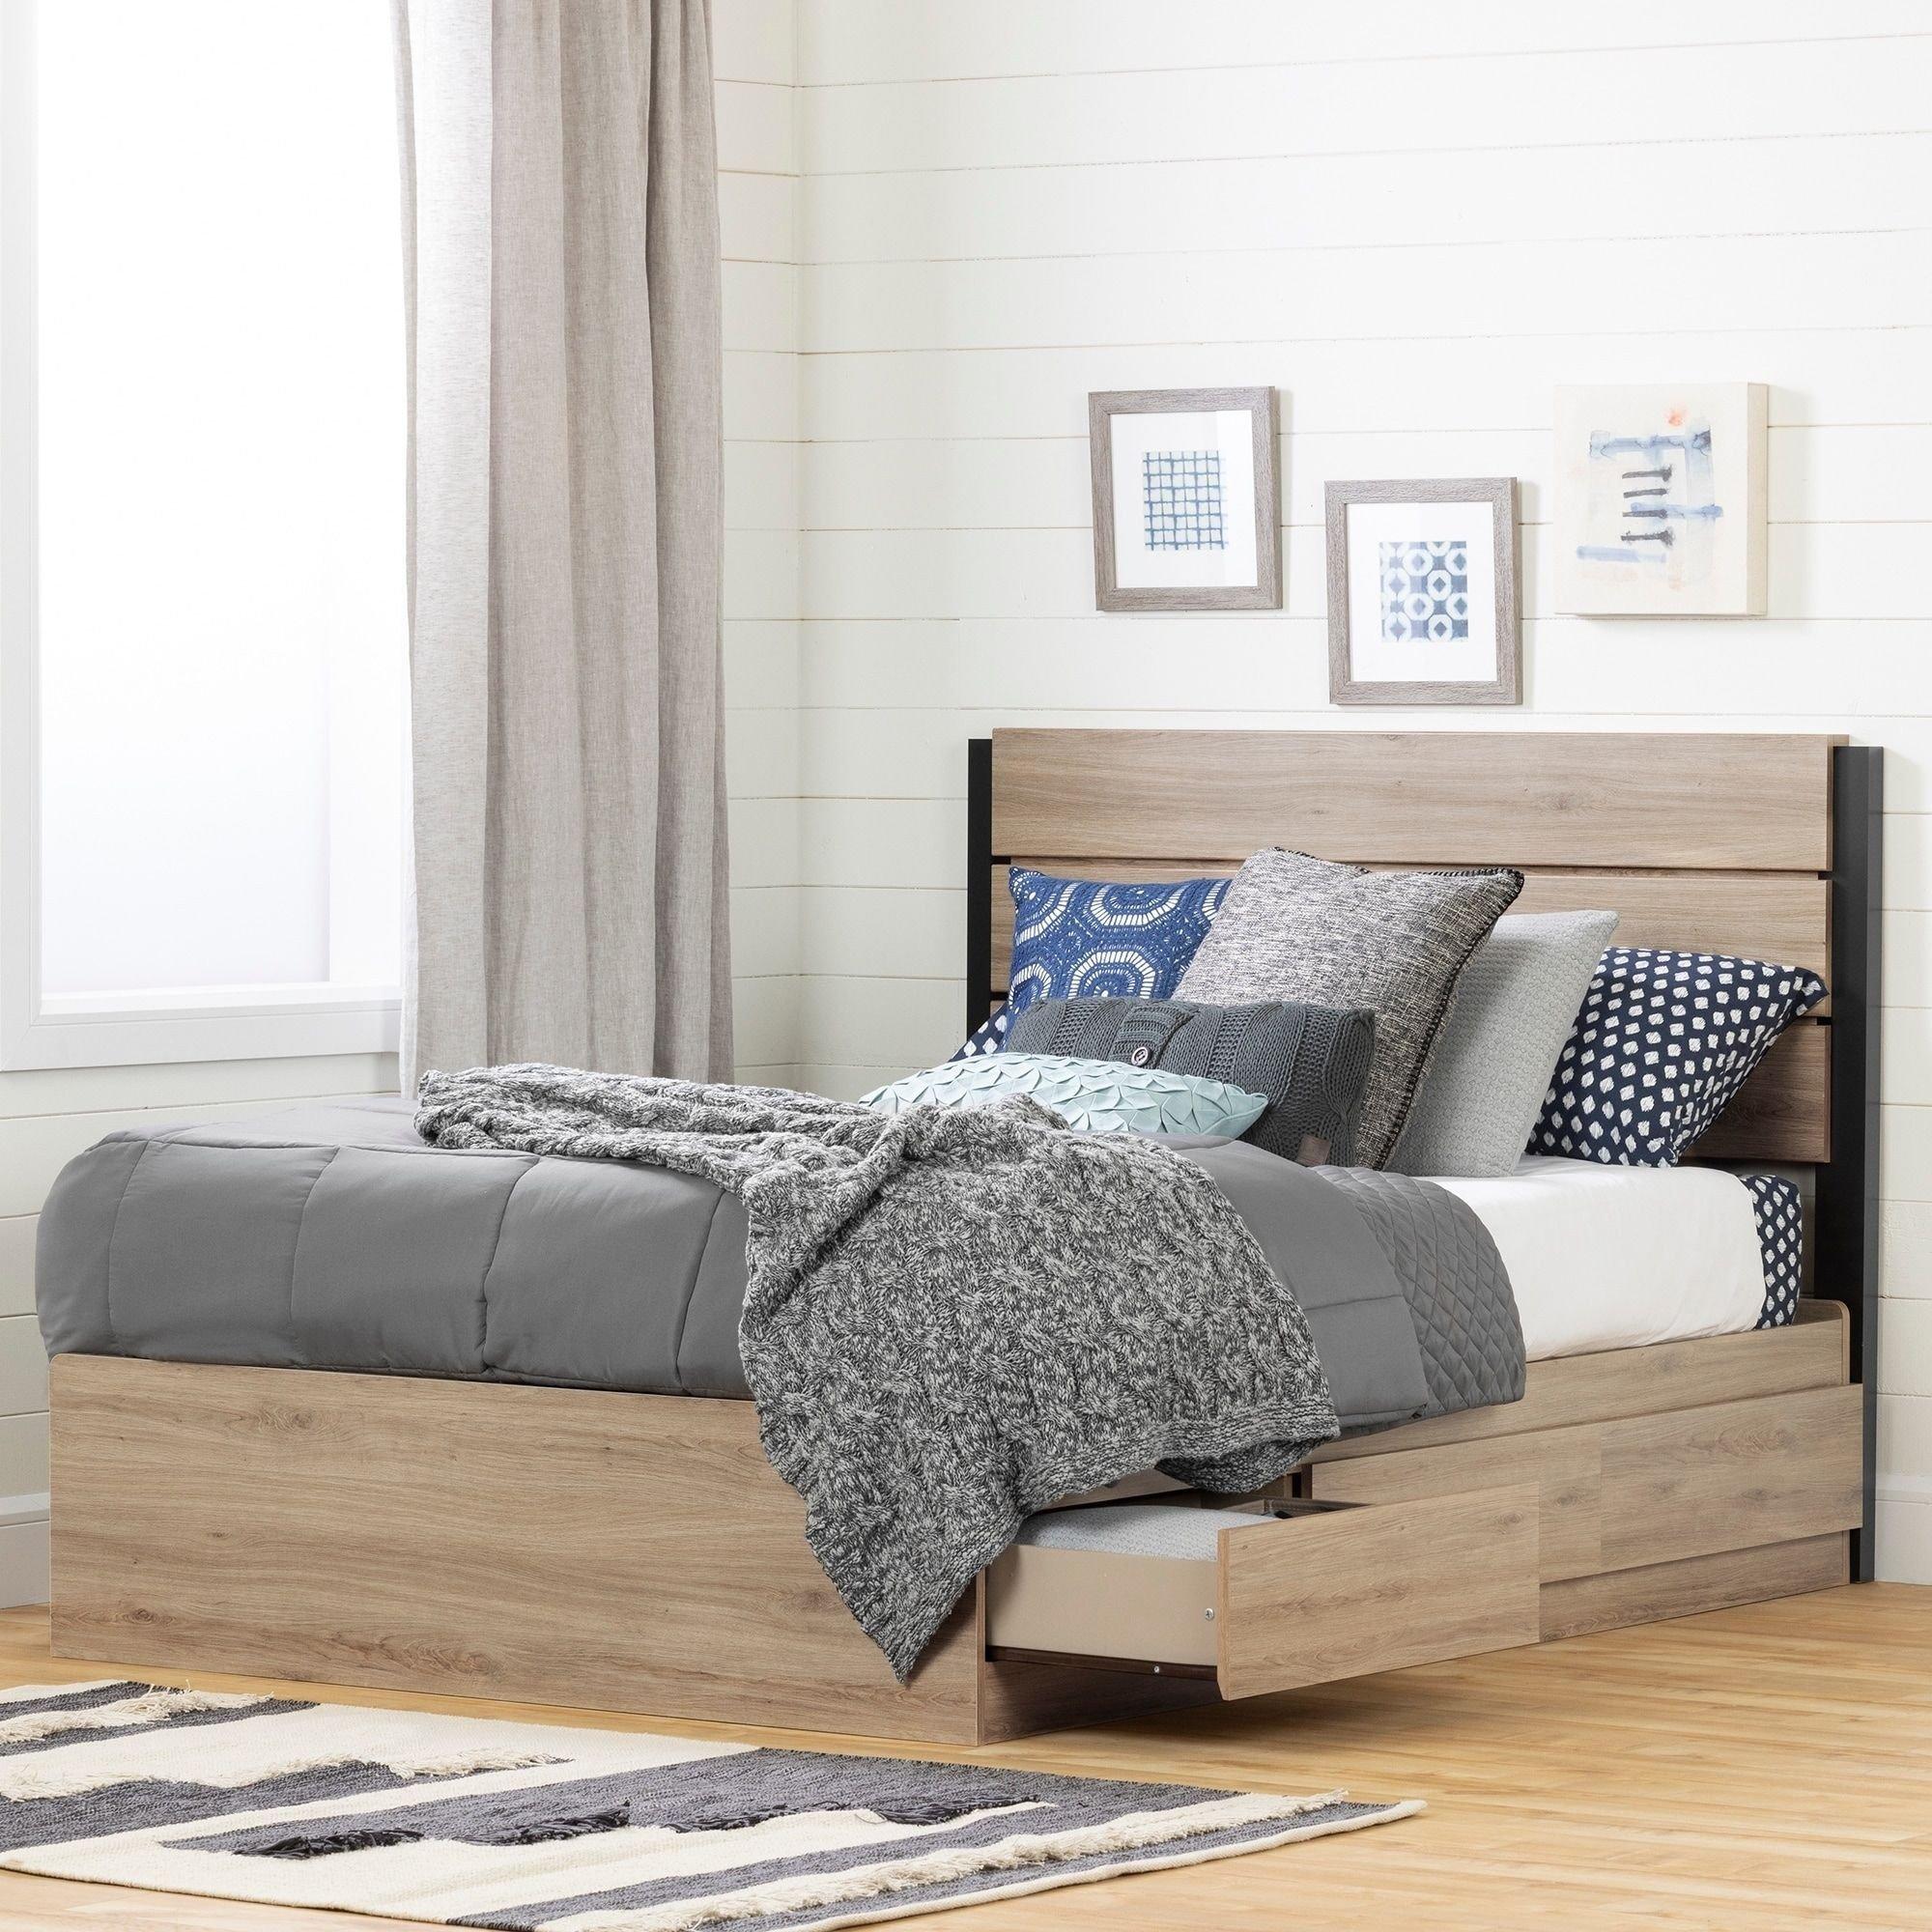 South Shore Bedroom Set Elegant south Shore Fakto Bed Set Bed and Headboard Rustic Oak